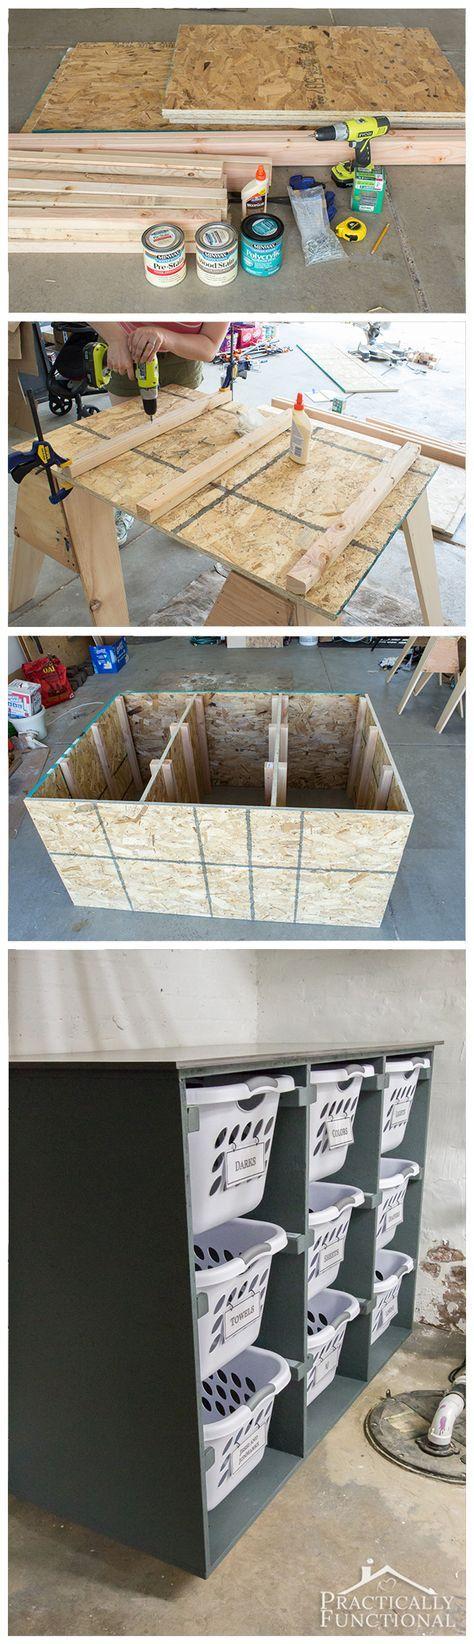 Bauen Sie eine einfache Wäschekorb-Kommode. Halten Sie Ihre Waschküche organisiert. Verstaut 9 Wäschekörbe und auf der glatten Oberseite kann man zum Sortieren und Falten verwendet werden!